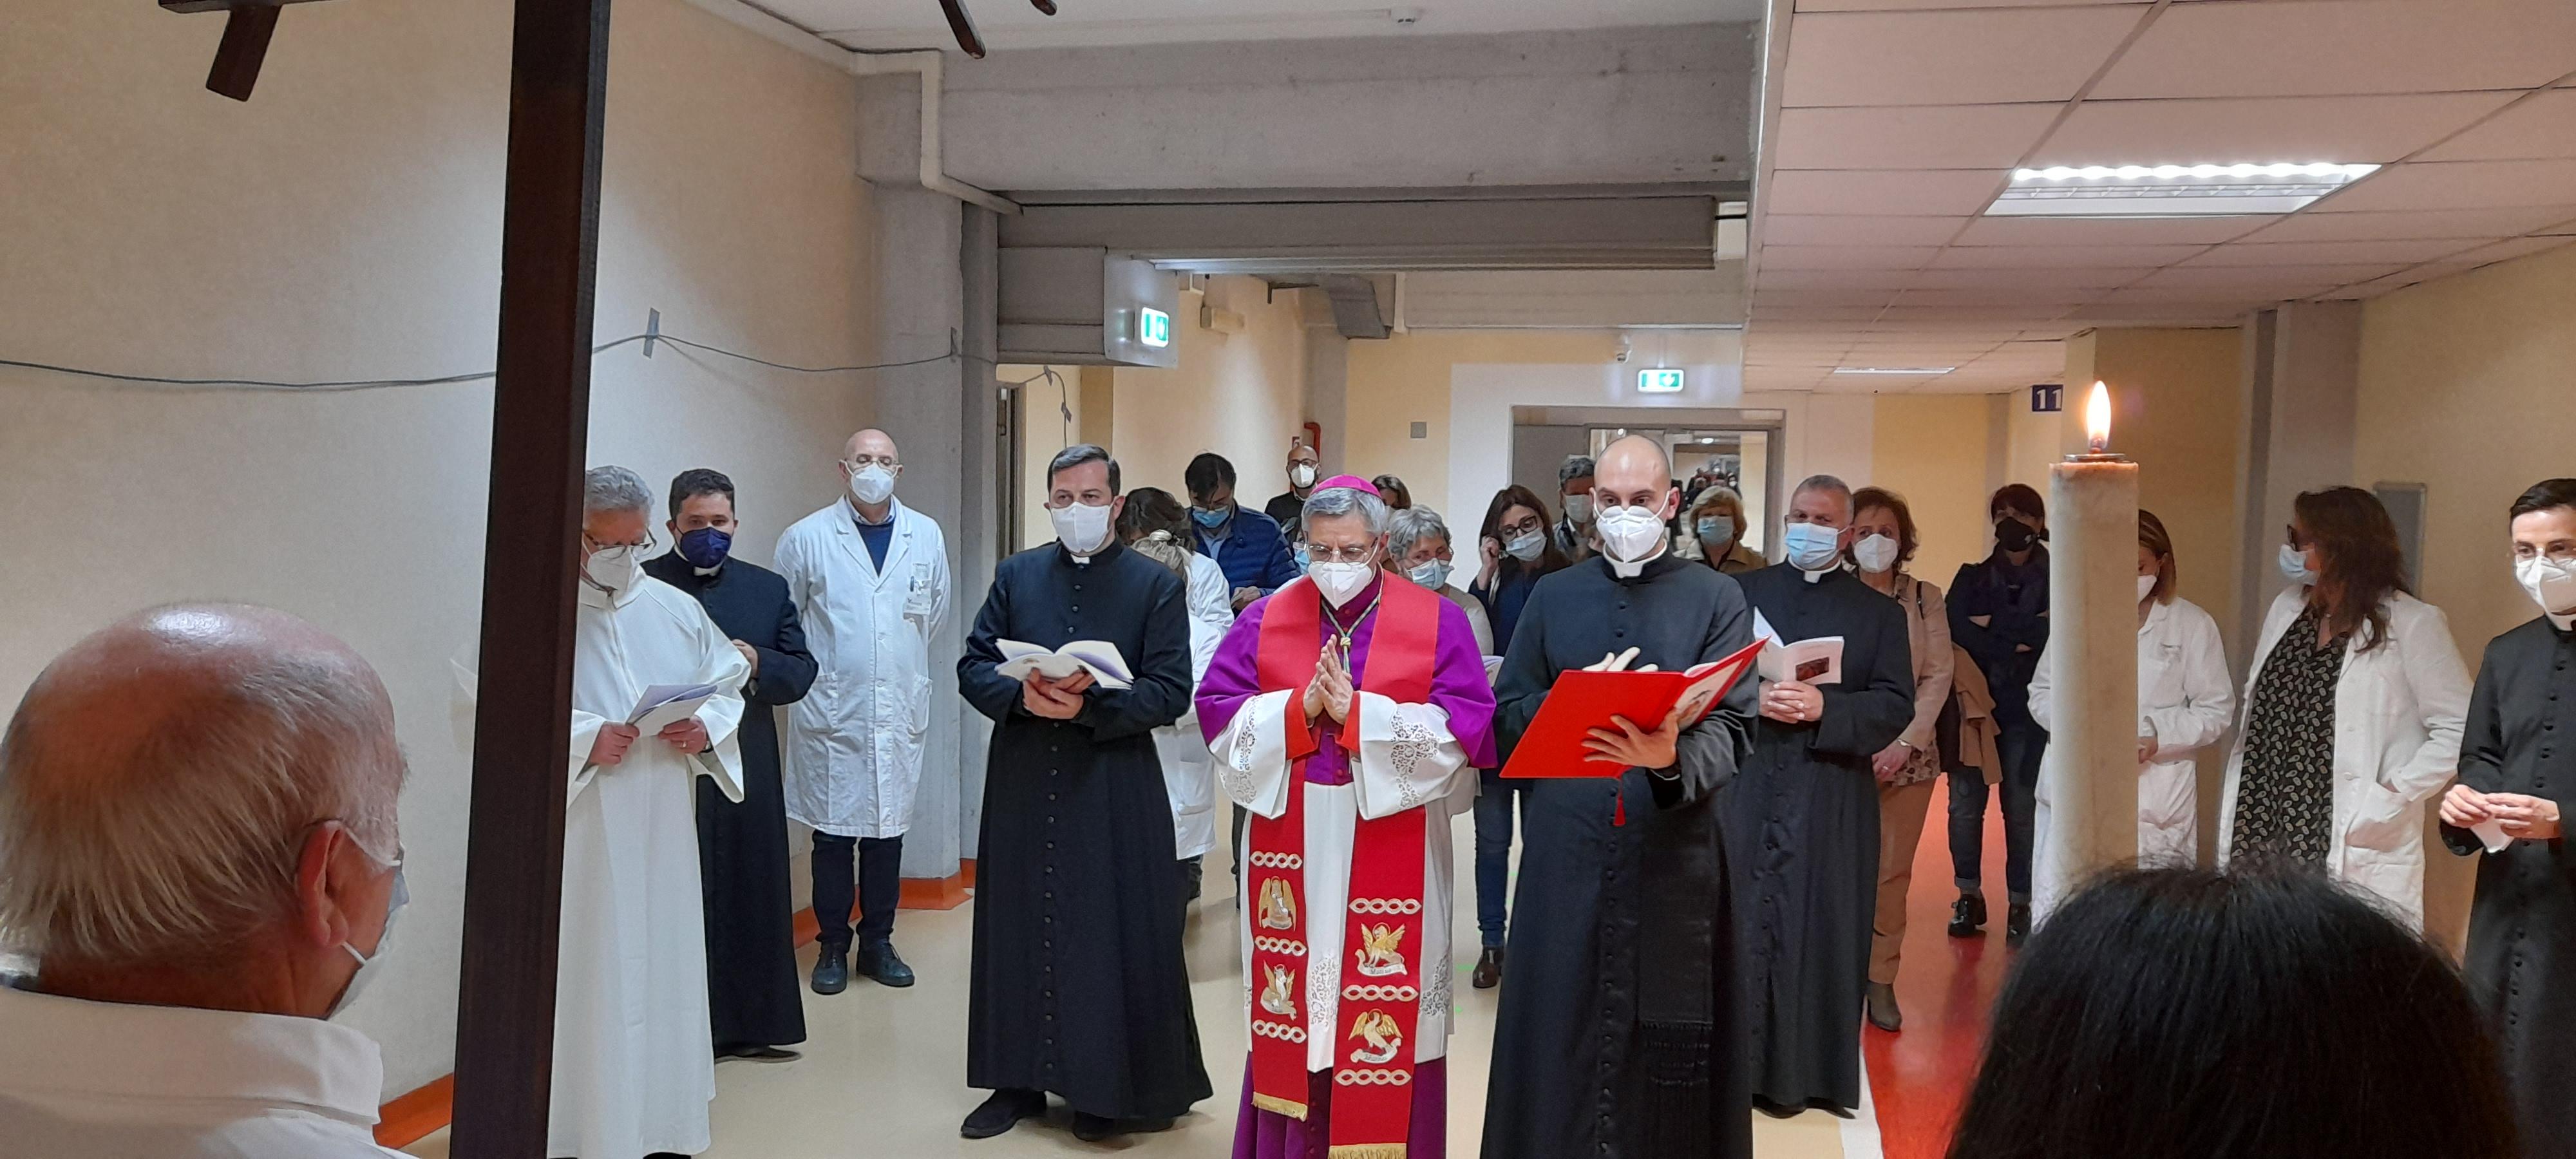 via-crucis-ospedale-giovanni-paolo-ii-lamezia